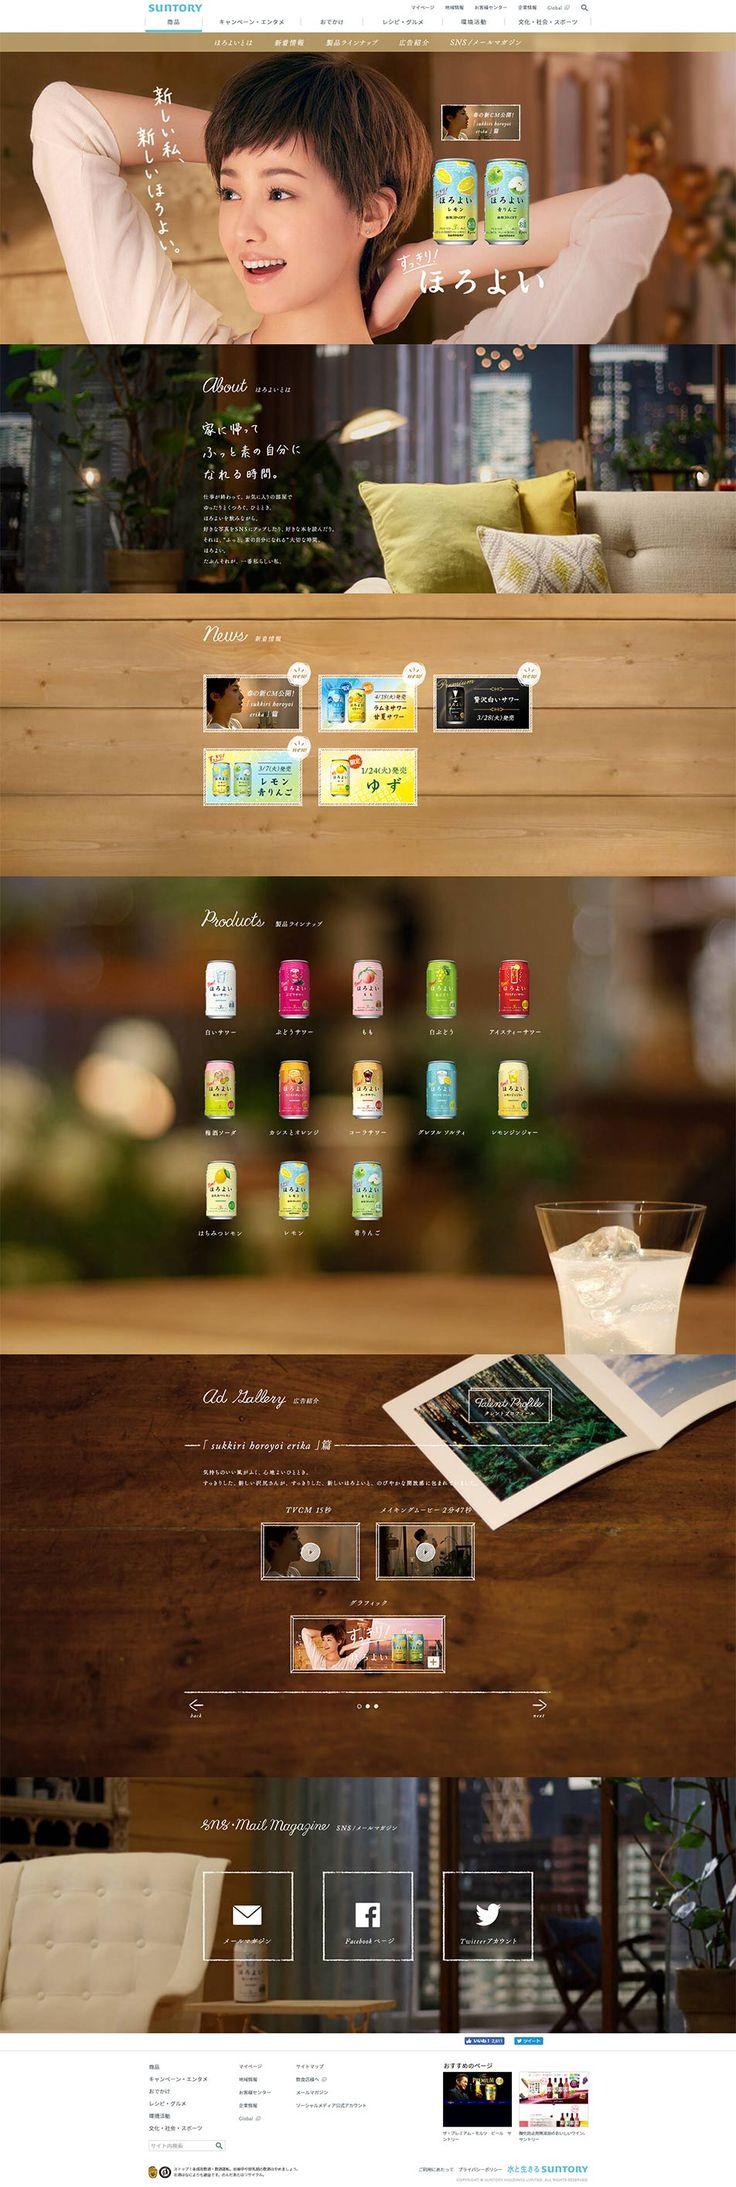 ほろよい【飲料・お酒関連】のLPデザイン。WEBデザイナーさん必見!ランディングページのデザイン参考に(オーガニック系)